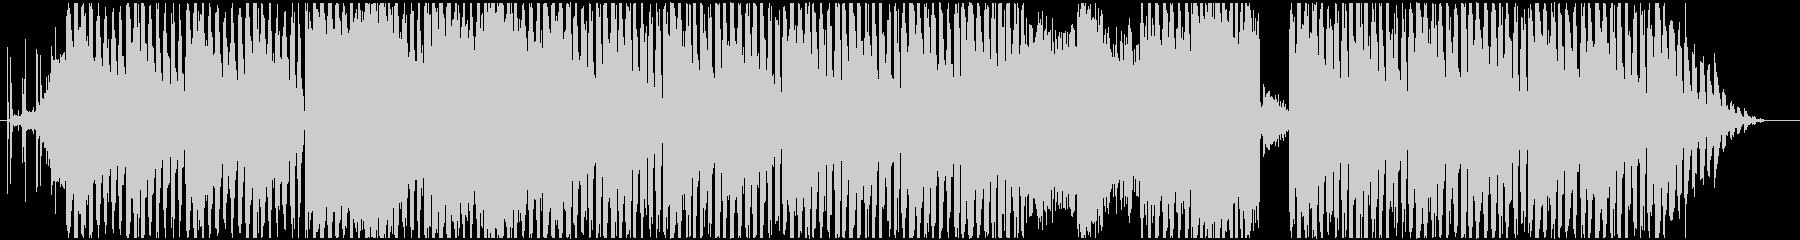 ダークなインダストリアル系のテクノの未再生の波形